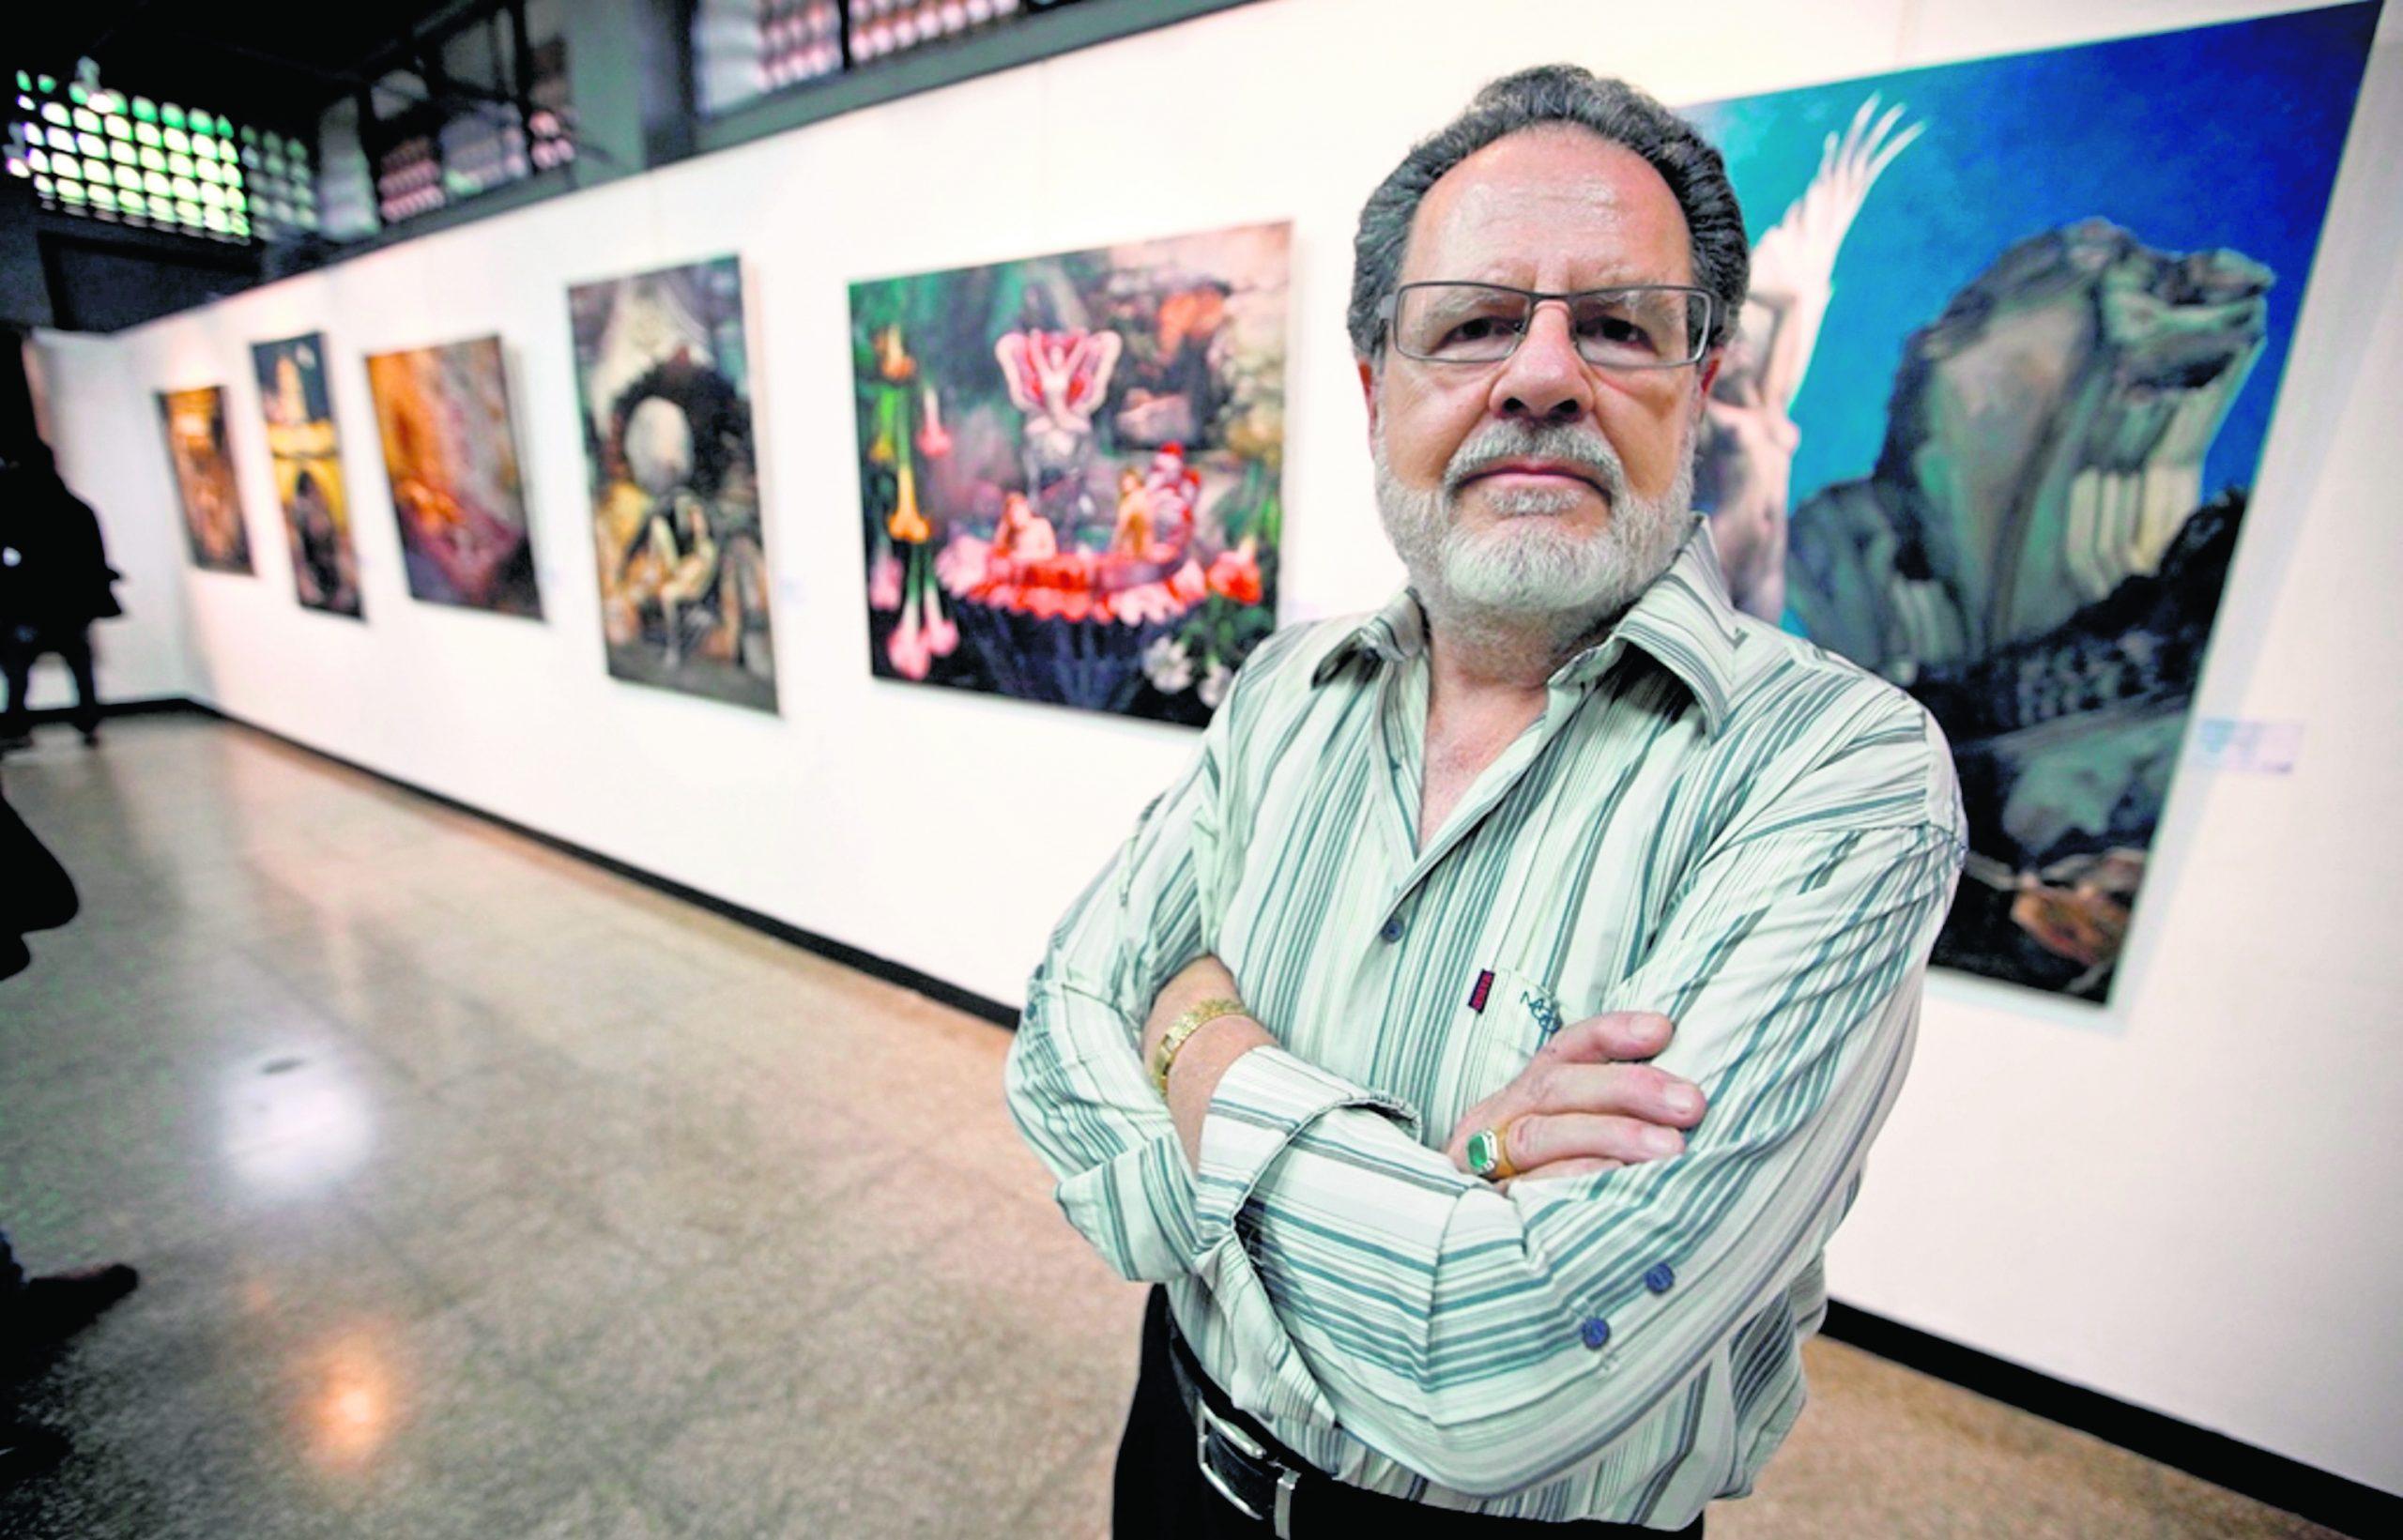 Falleció el profesor Manolo Gallardo, y este es su legado - Prensa Libre